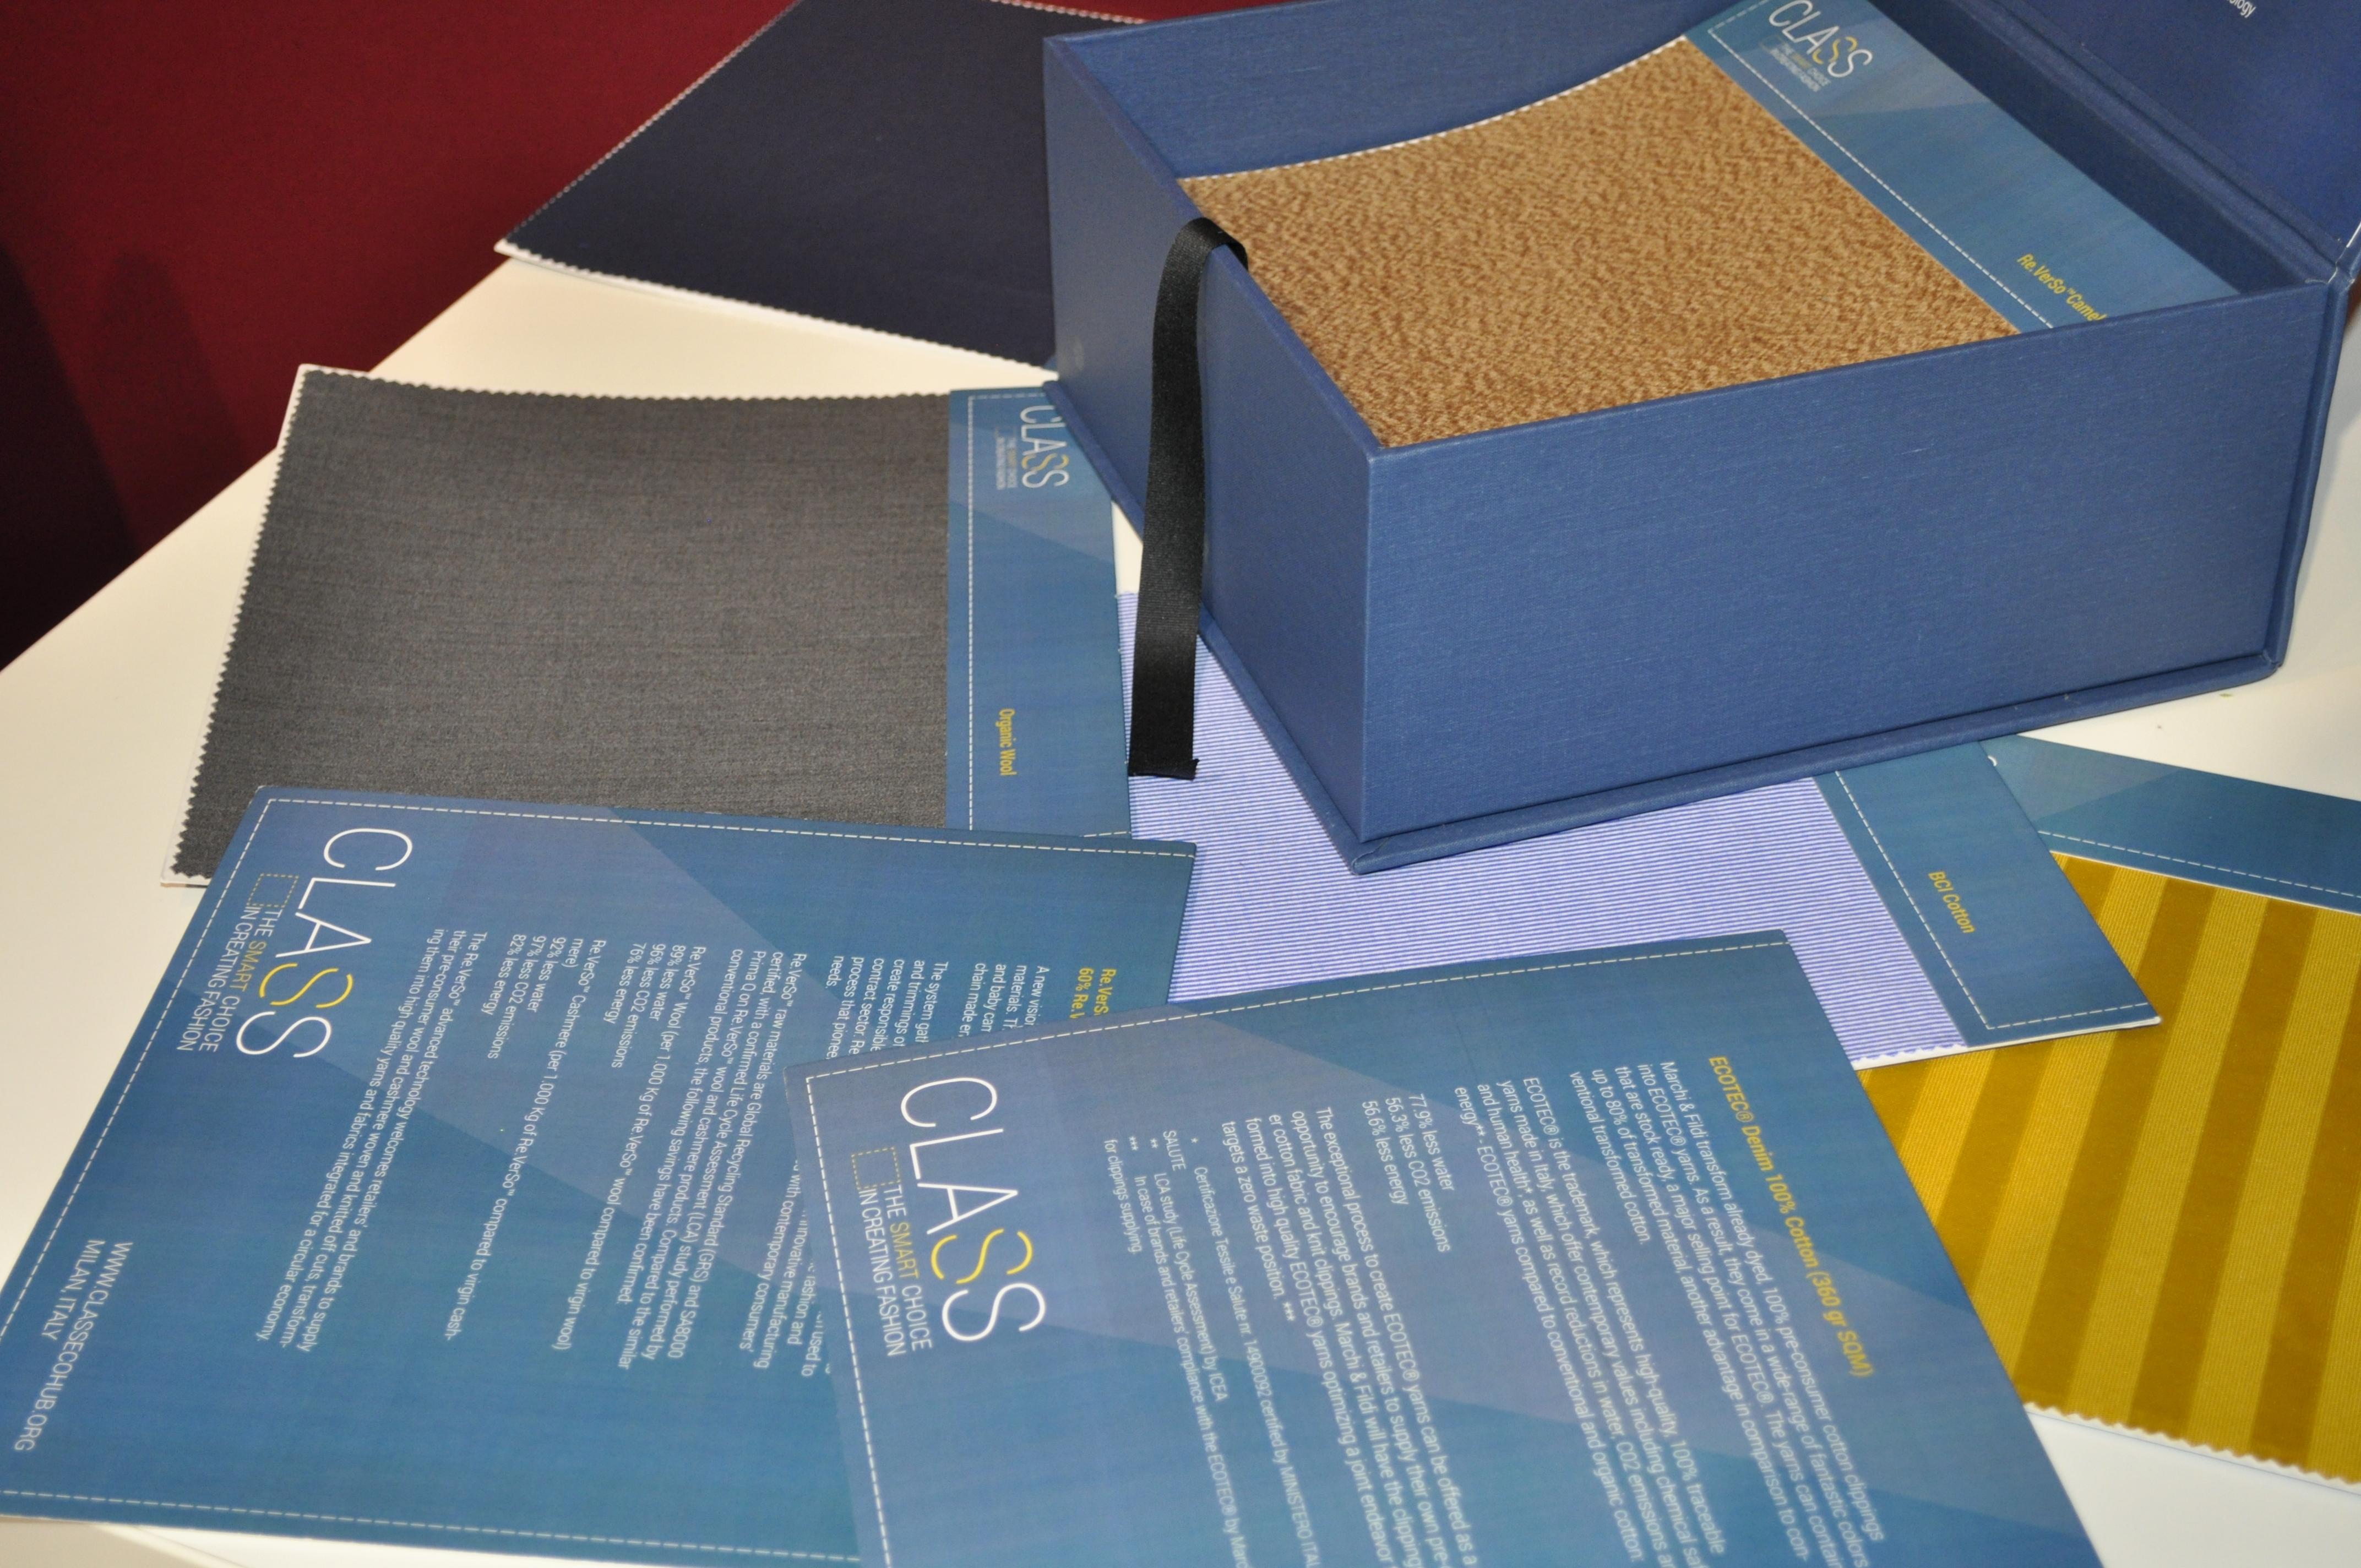 C.L.A.S.S. is prous to launch C.L.A.S.S. Education Smart Kit